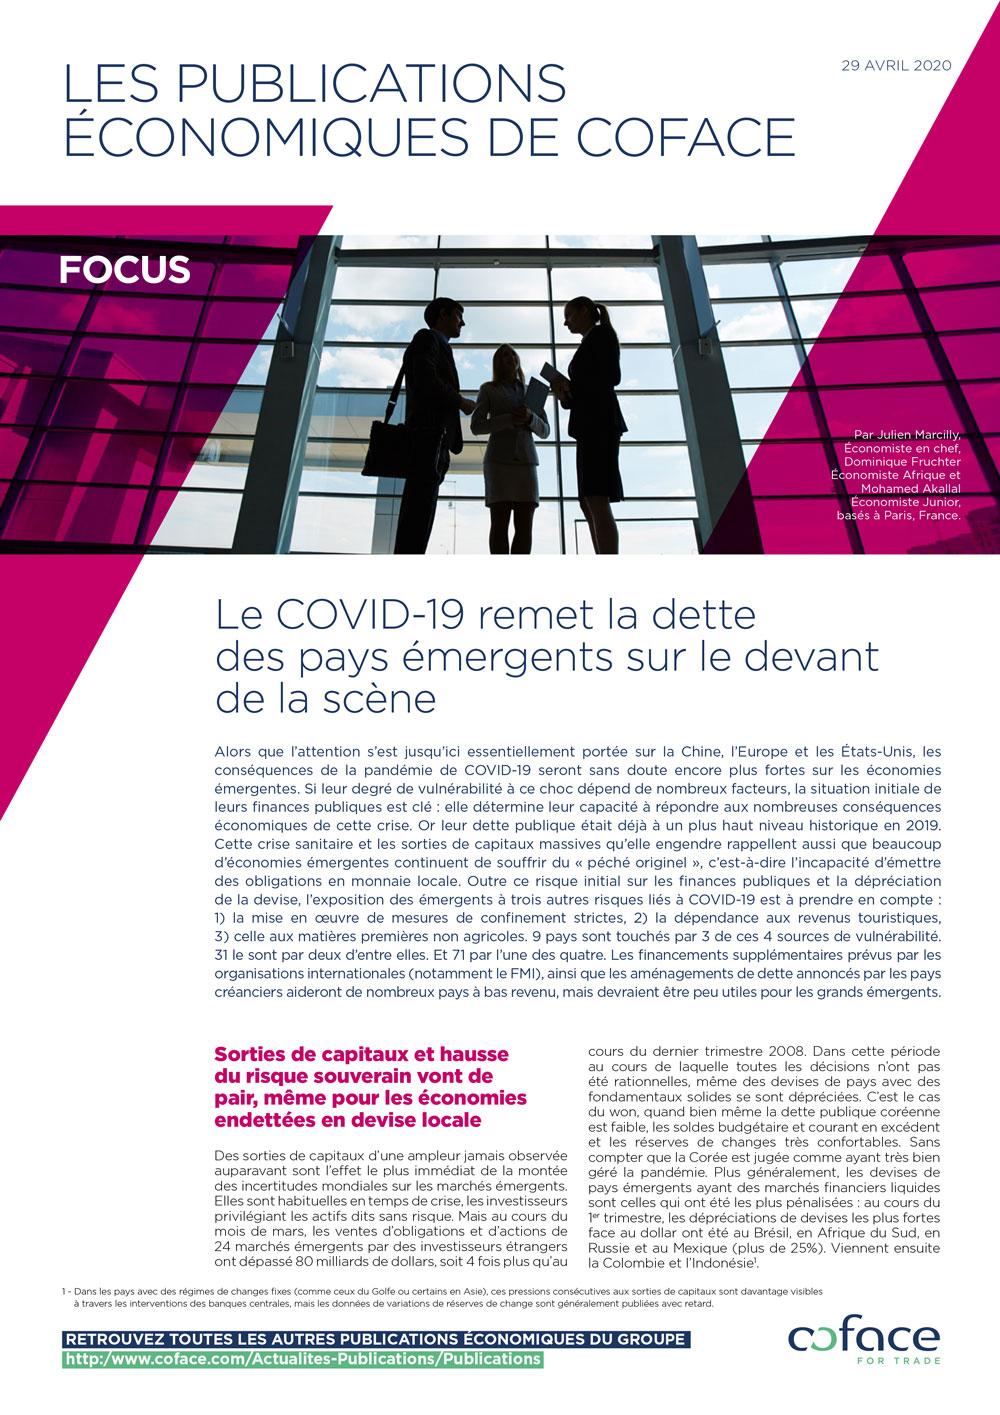 Le COVID-19 remet la dette des pays émergents sur le devant de la scène